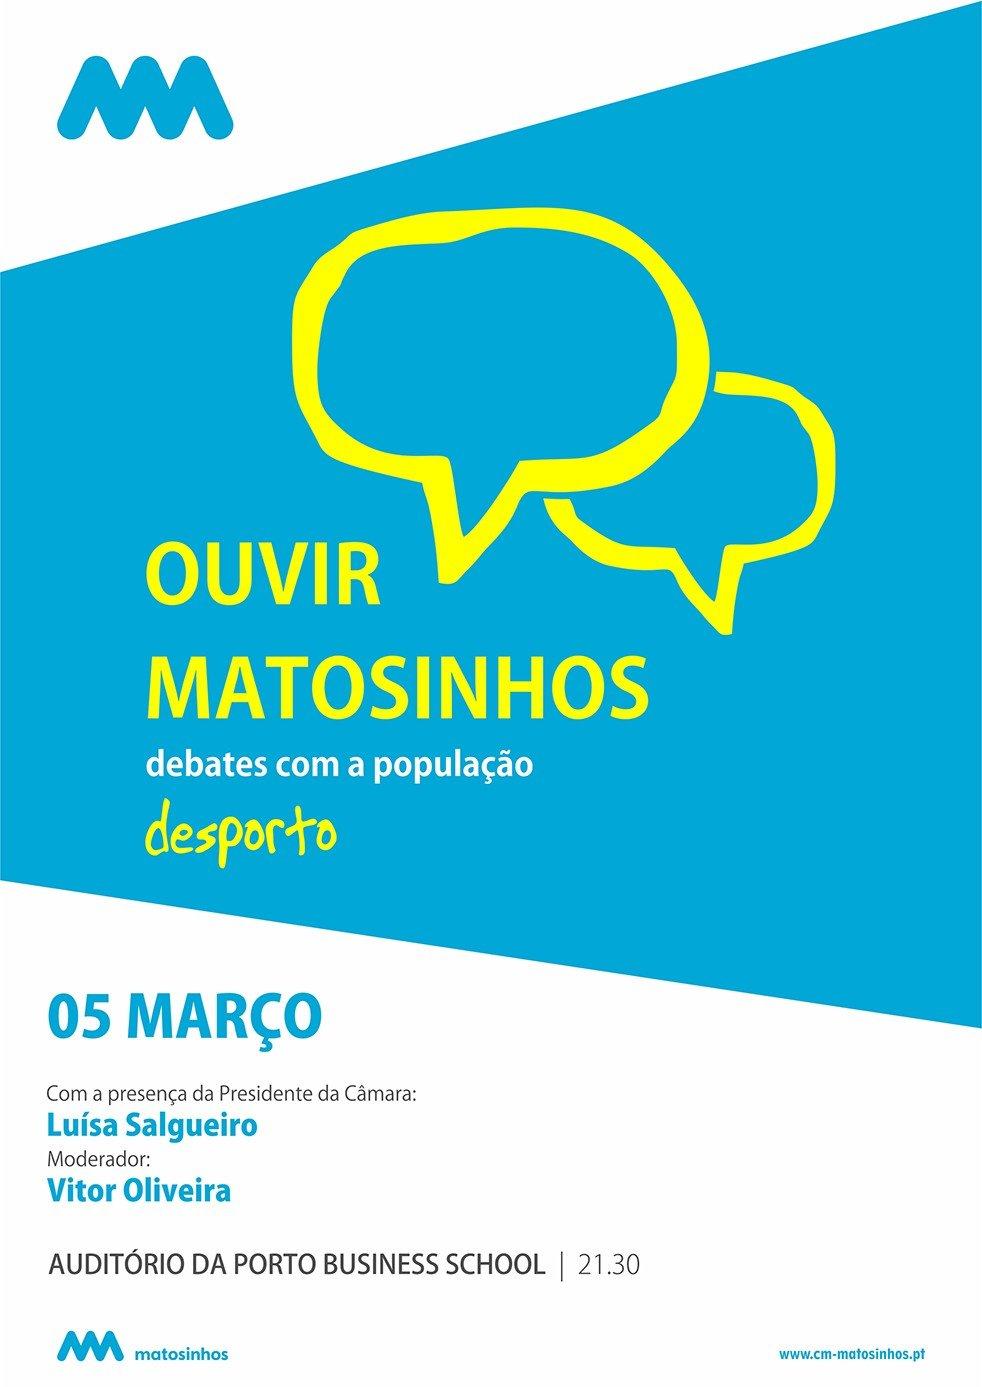 Ouvir Matosinhos